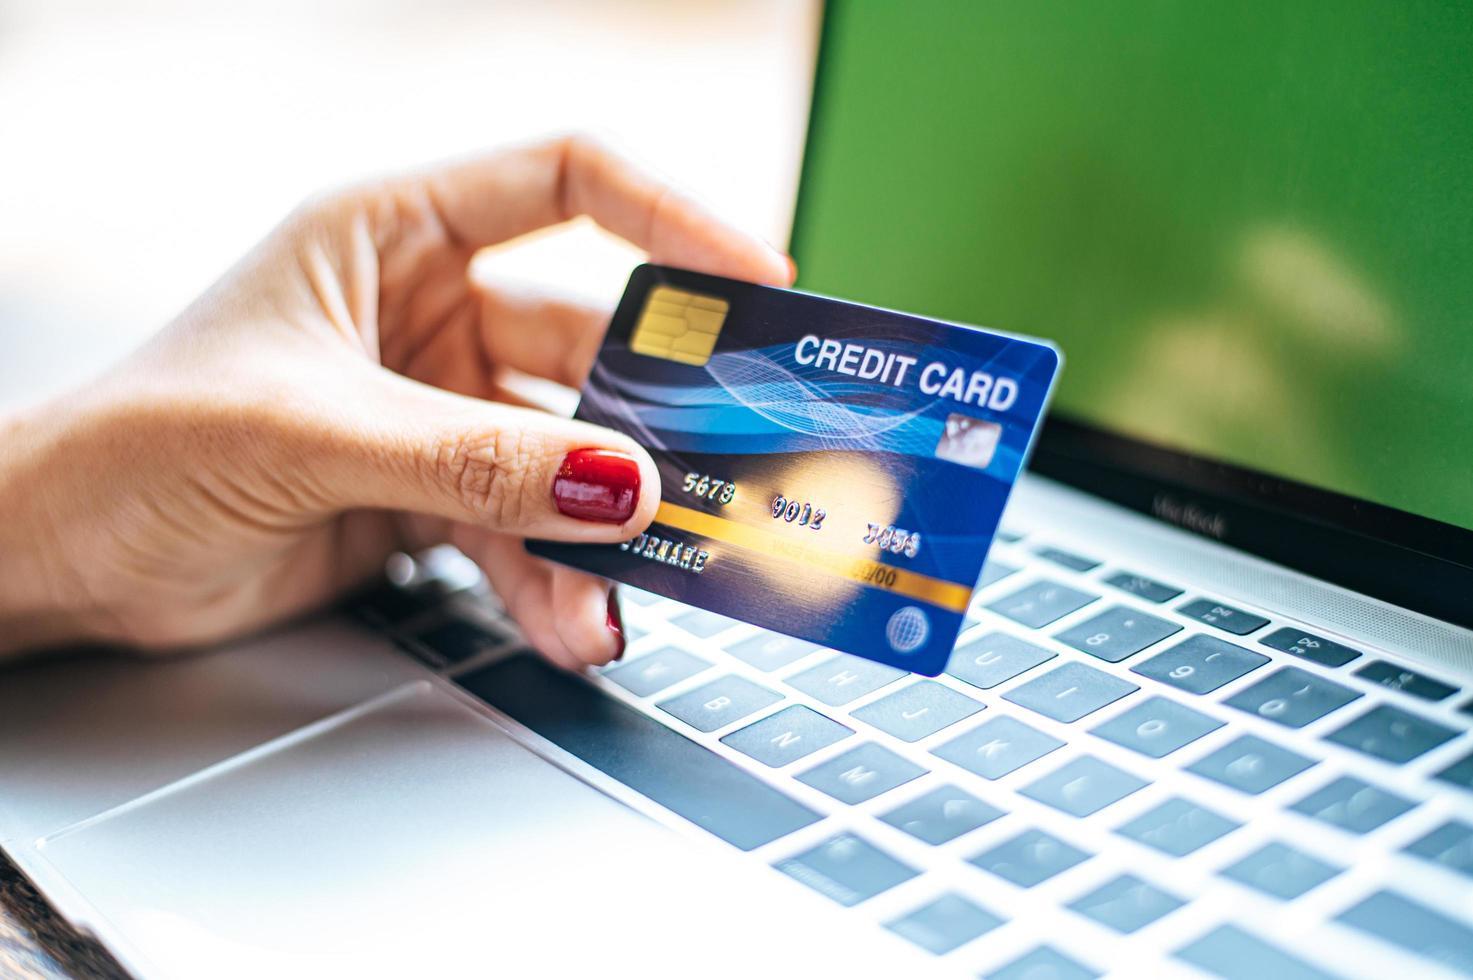 femme avec un ordinateur portable et une carte de crédit photo